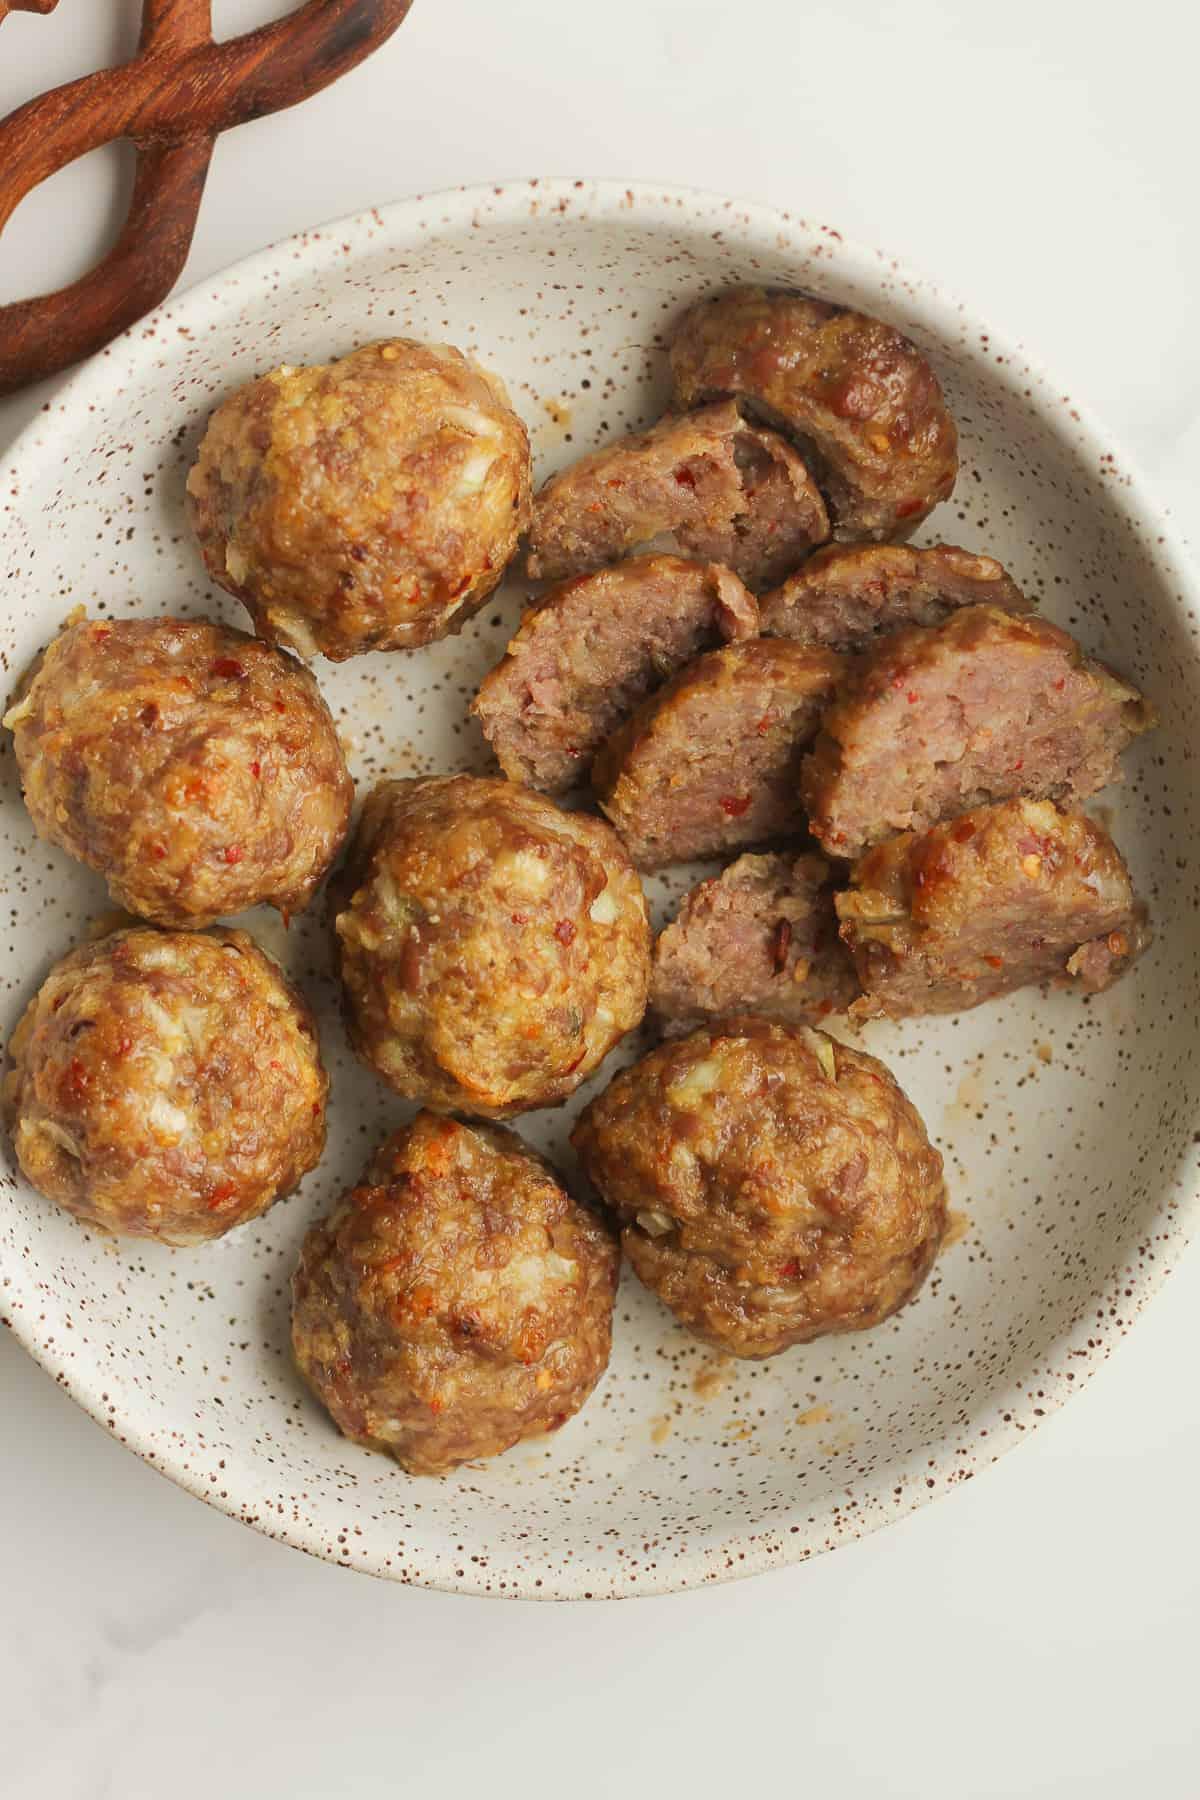 Closeup of a bowl of sausage meatballs.